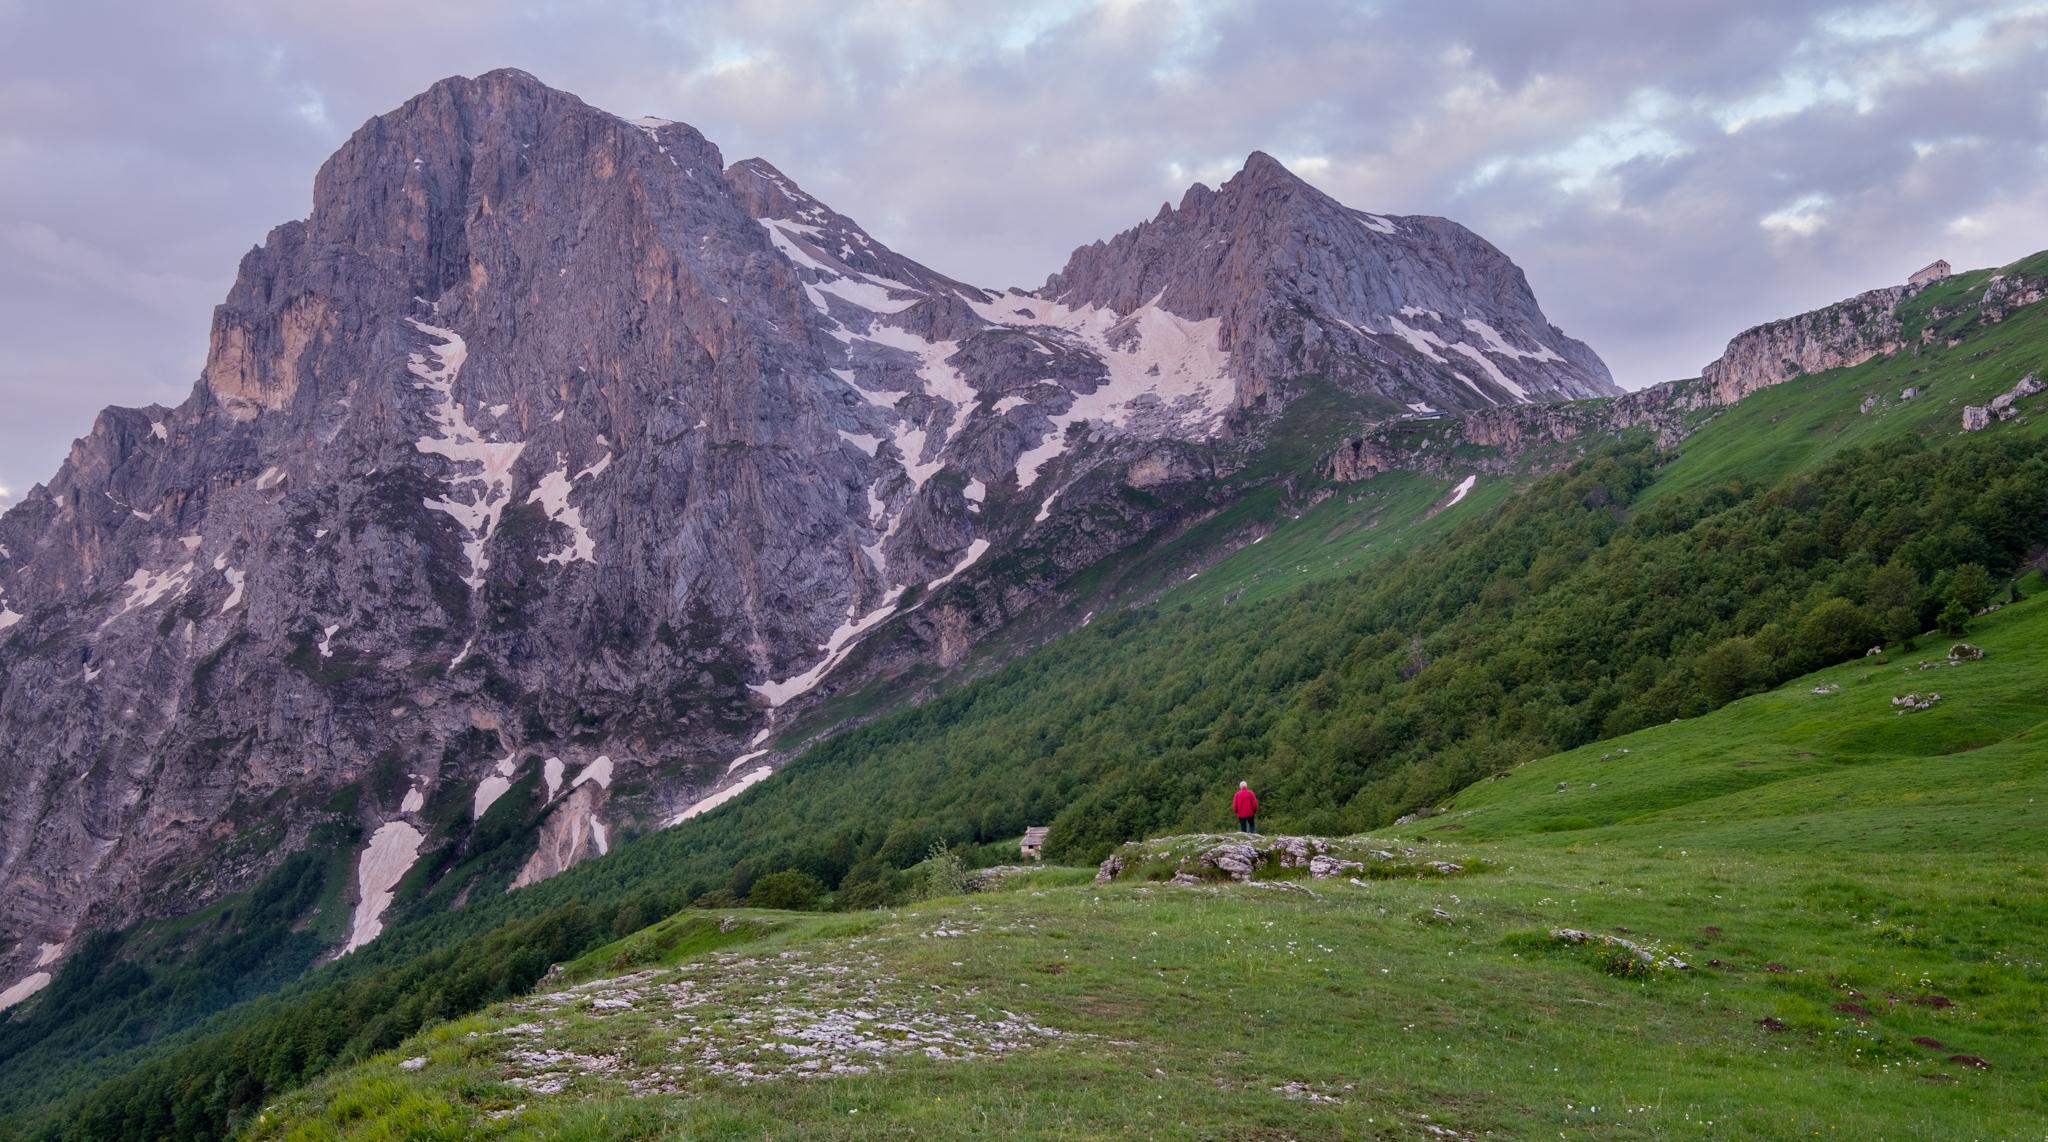 Gran Sasso d'Italia Mountain, Italy